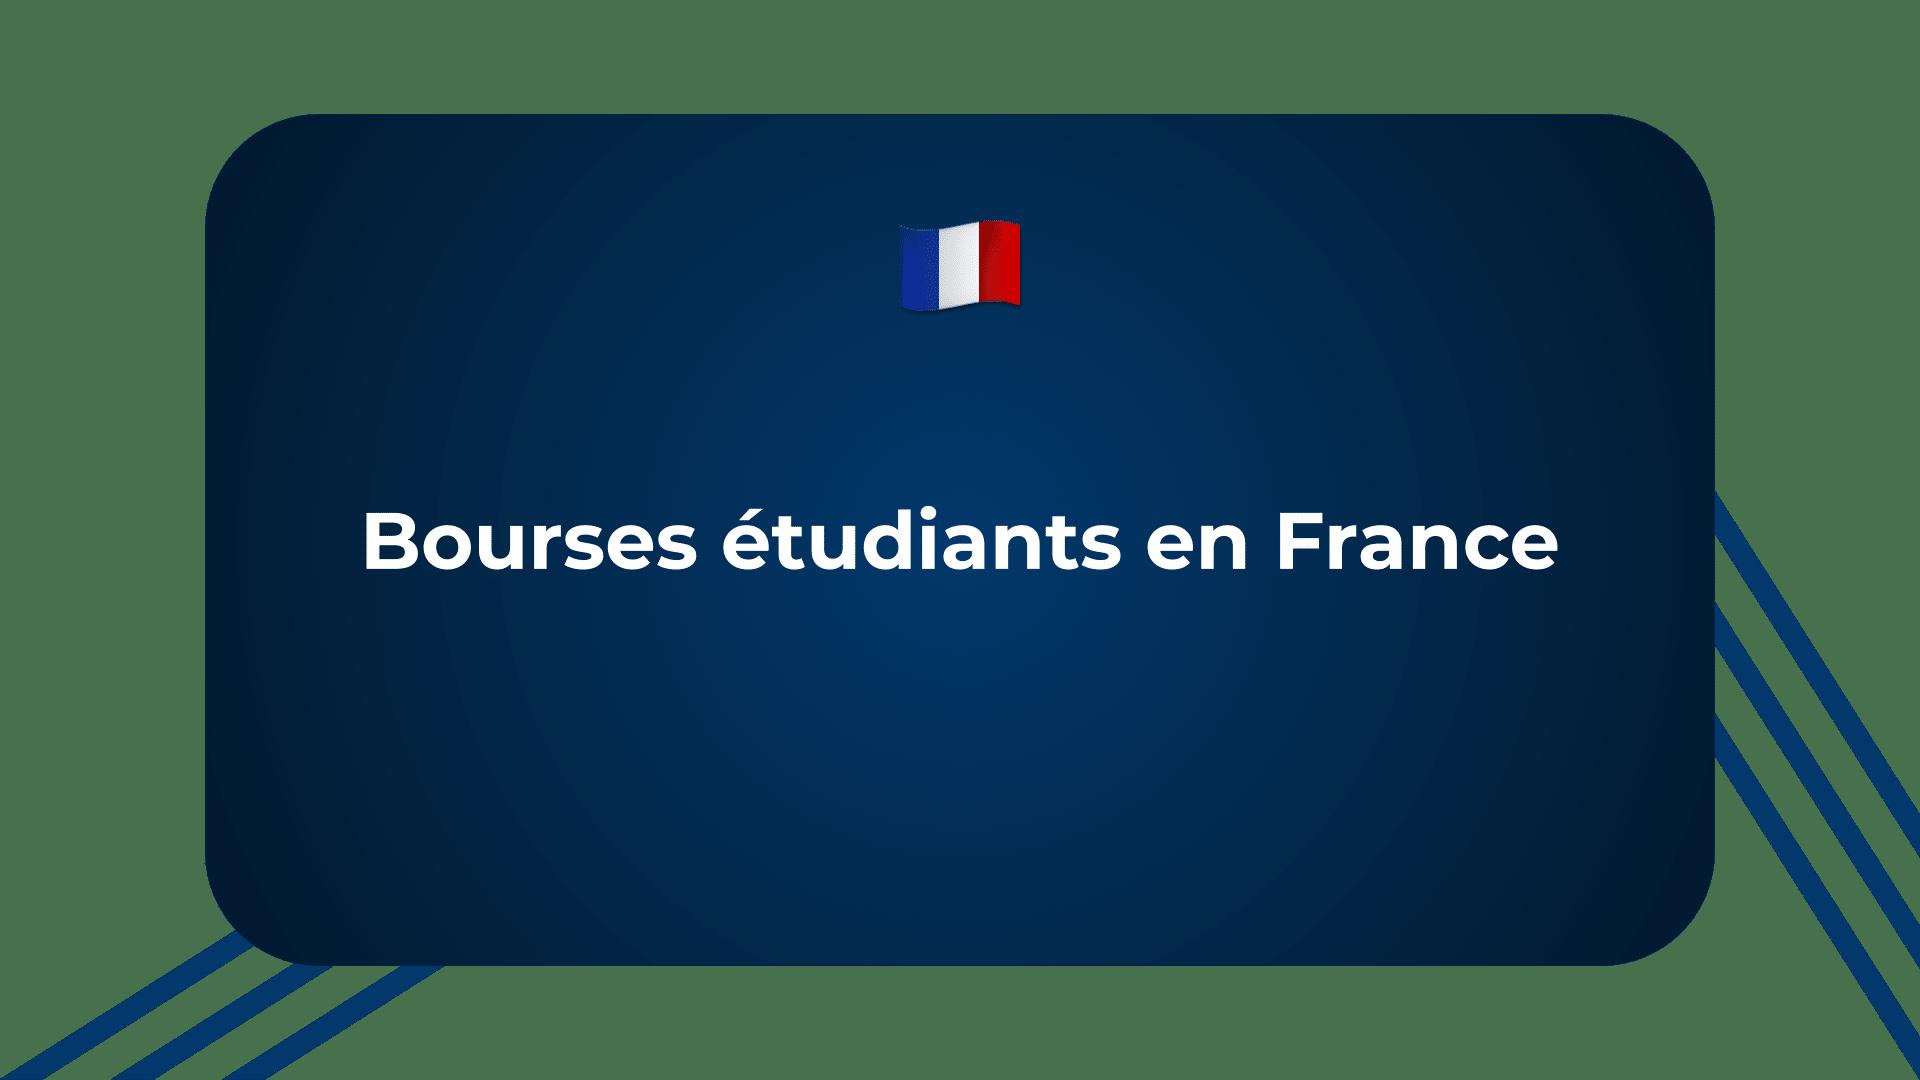 Bourses étudiants France